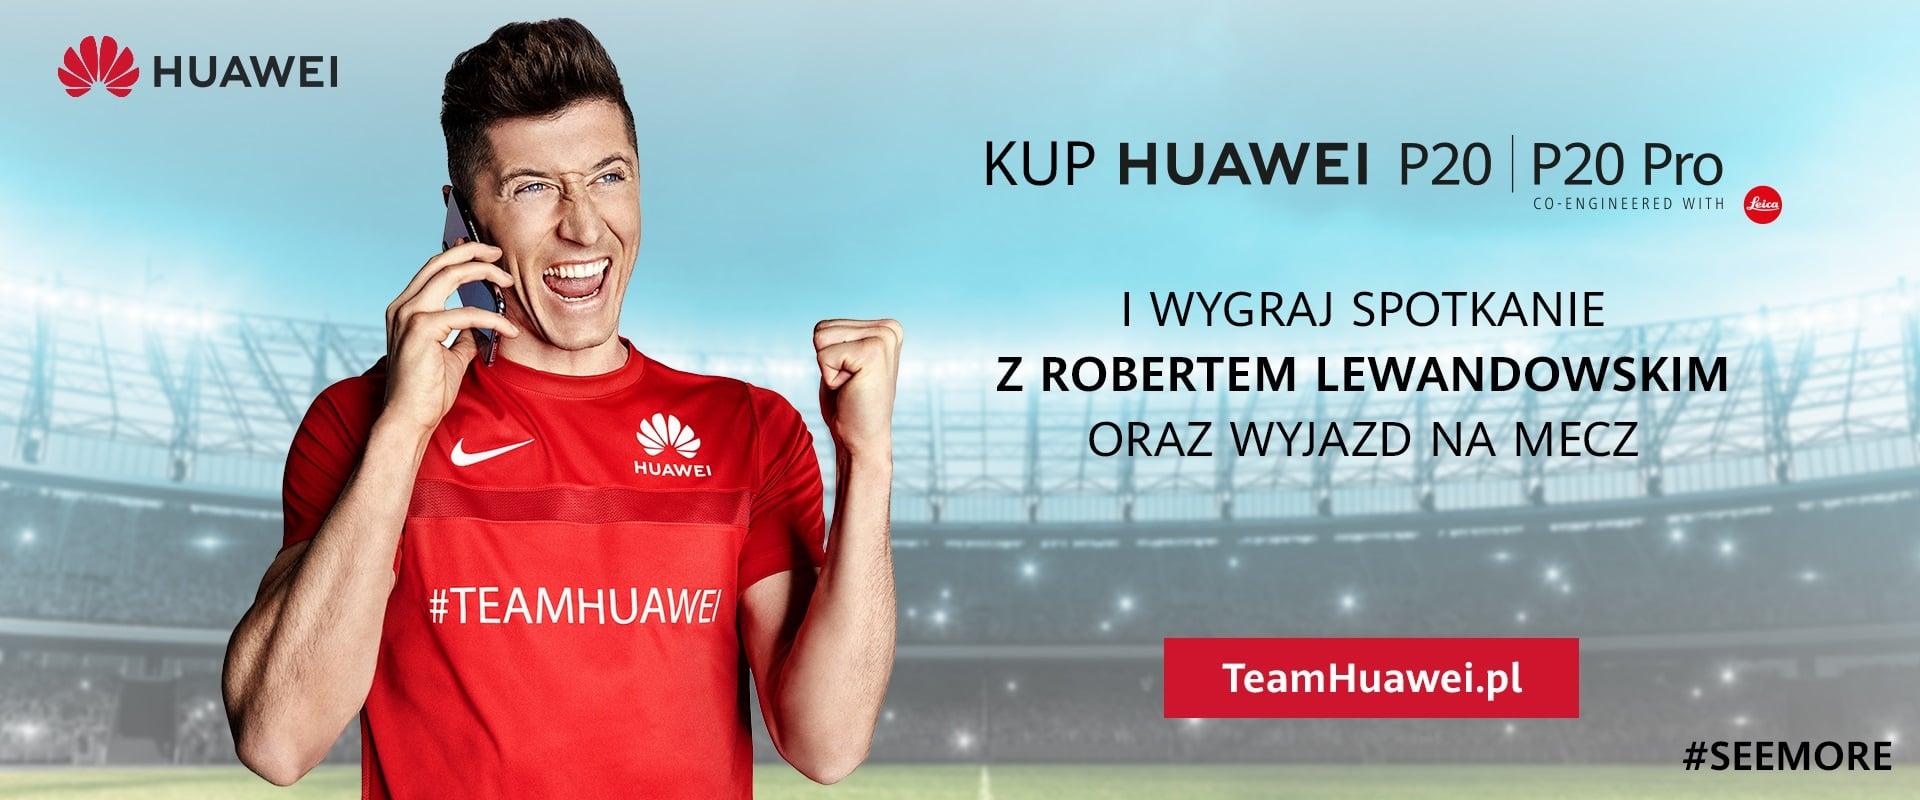 Niepowtarzalna okazja: wygraj spotkanie z Robertem Lewandowskim i bilety na mecz ligowy z jego udziałem 24